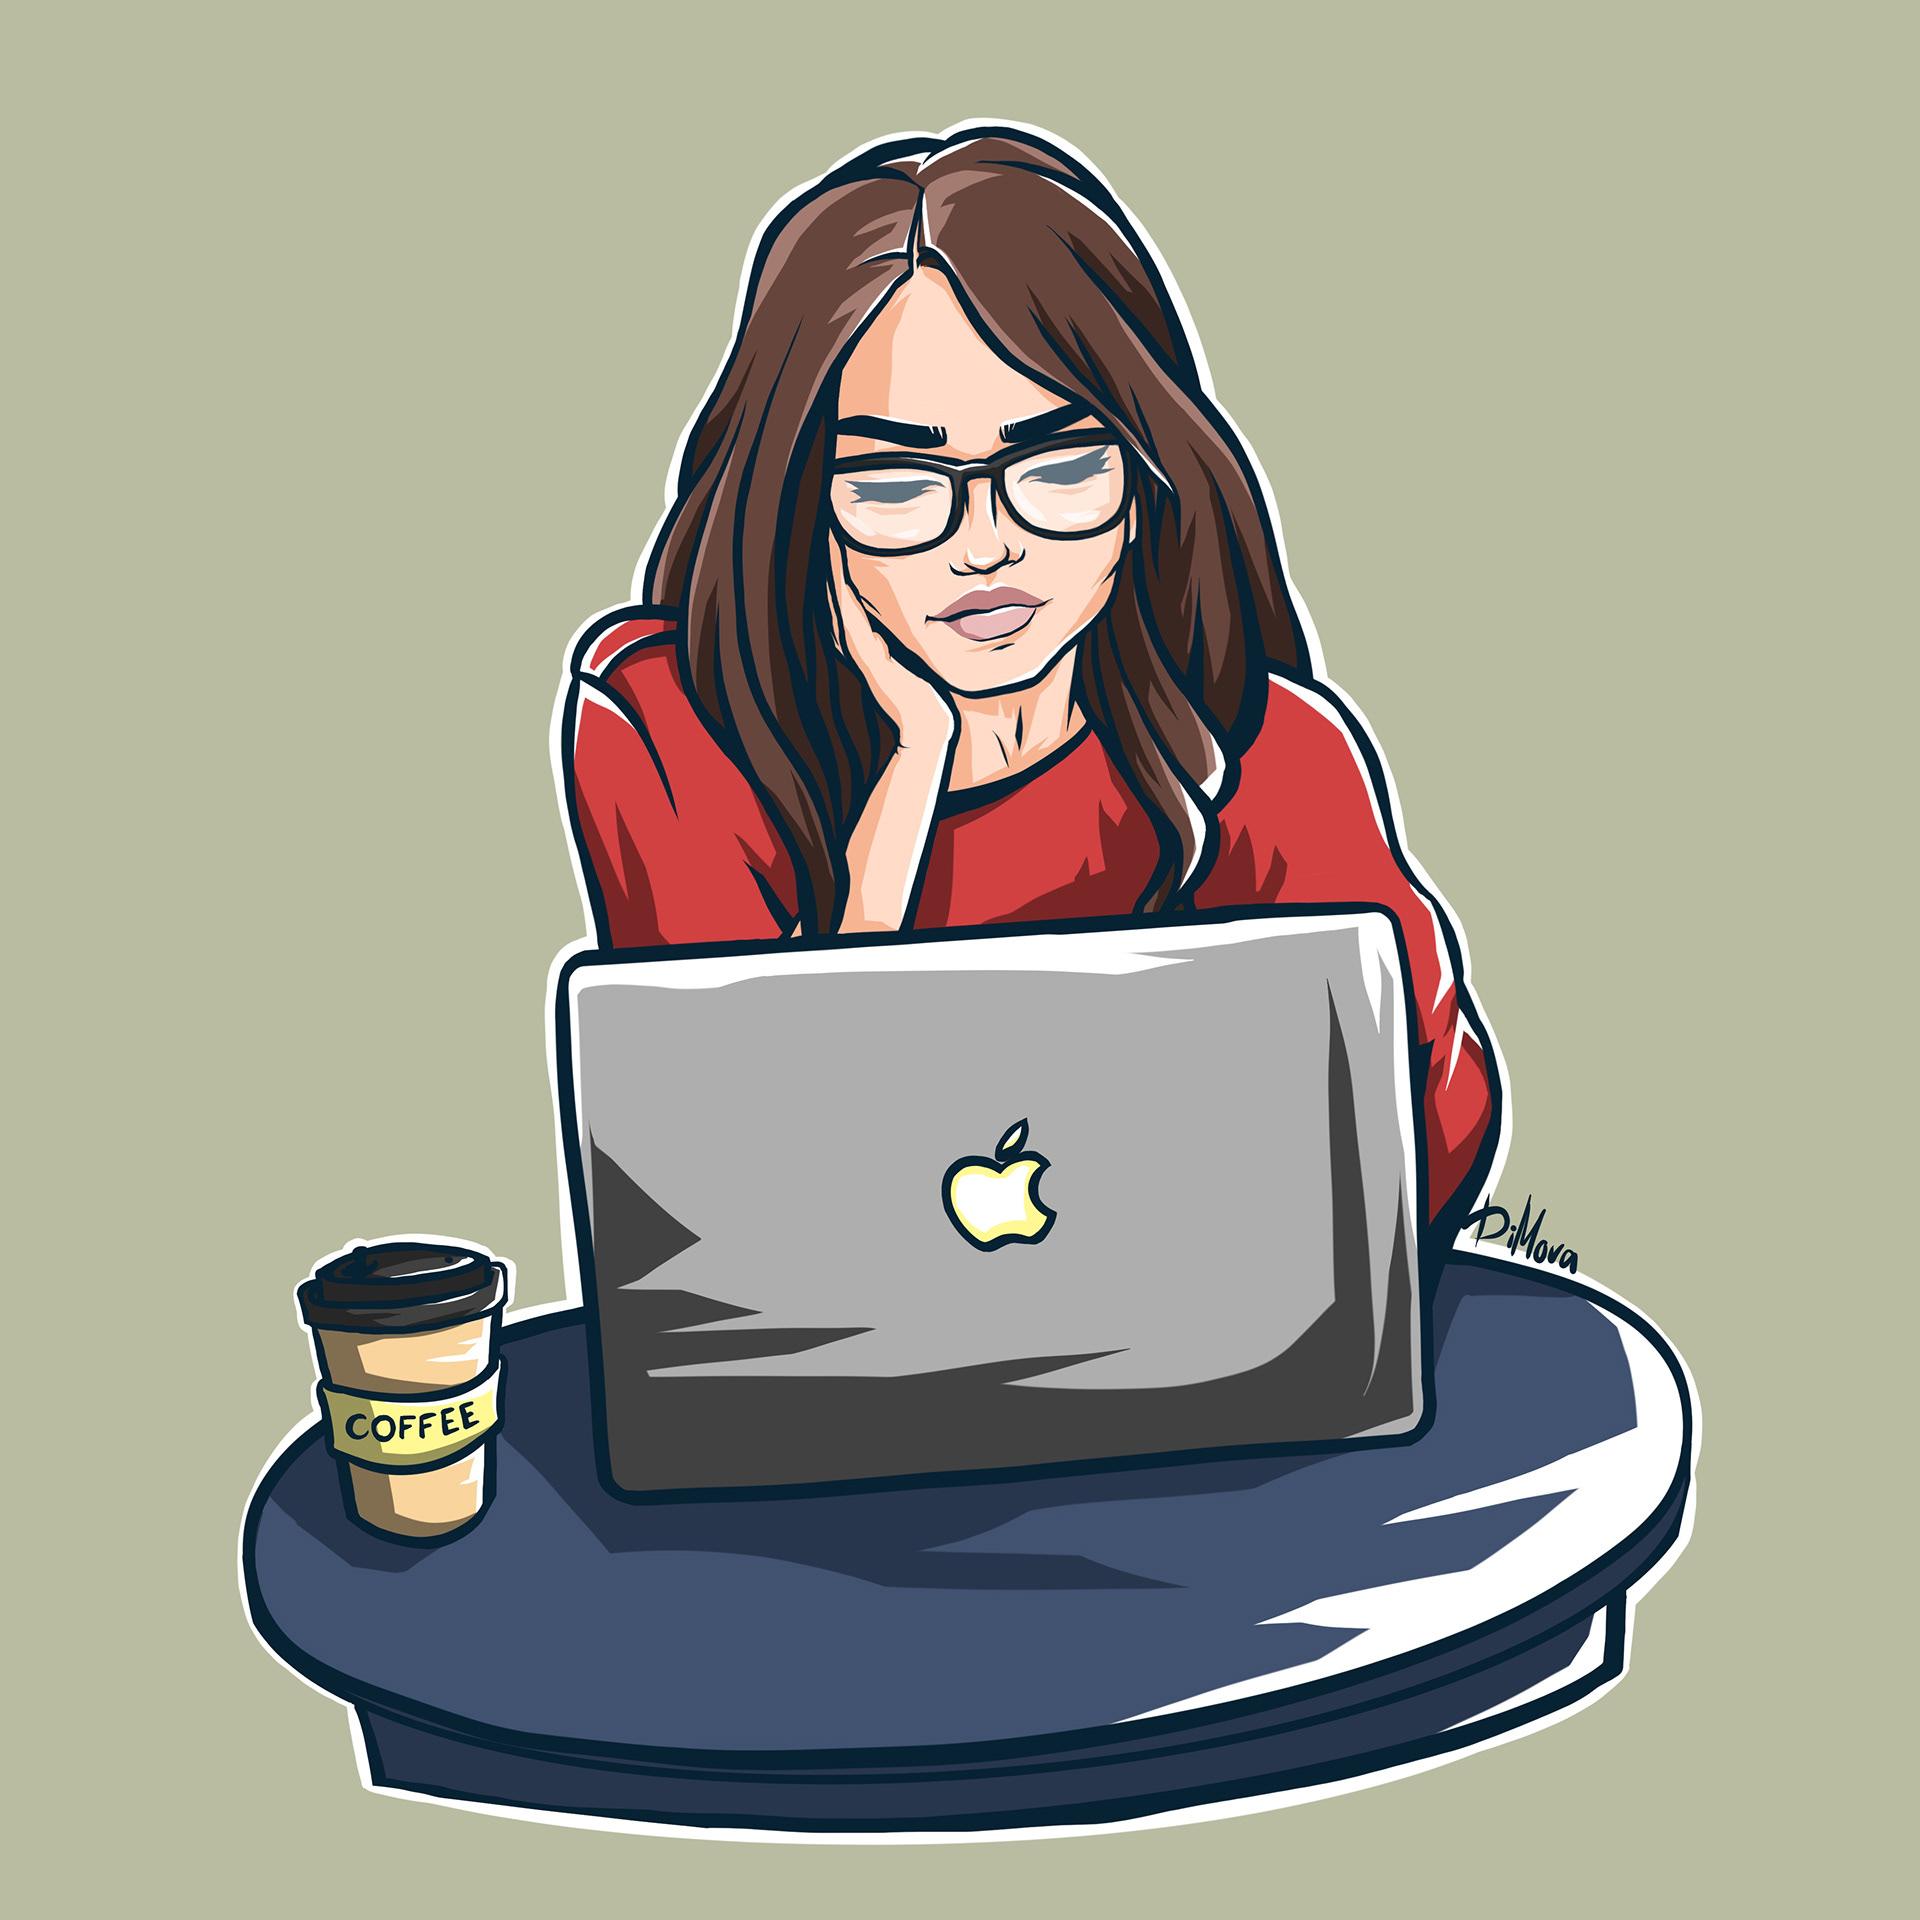 Картинки девушек за компьютером нарисованные